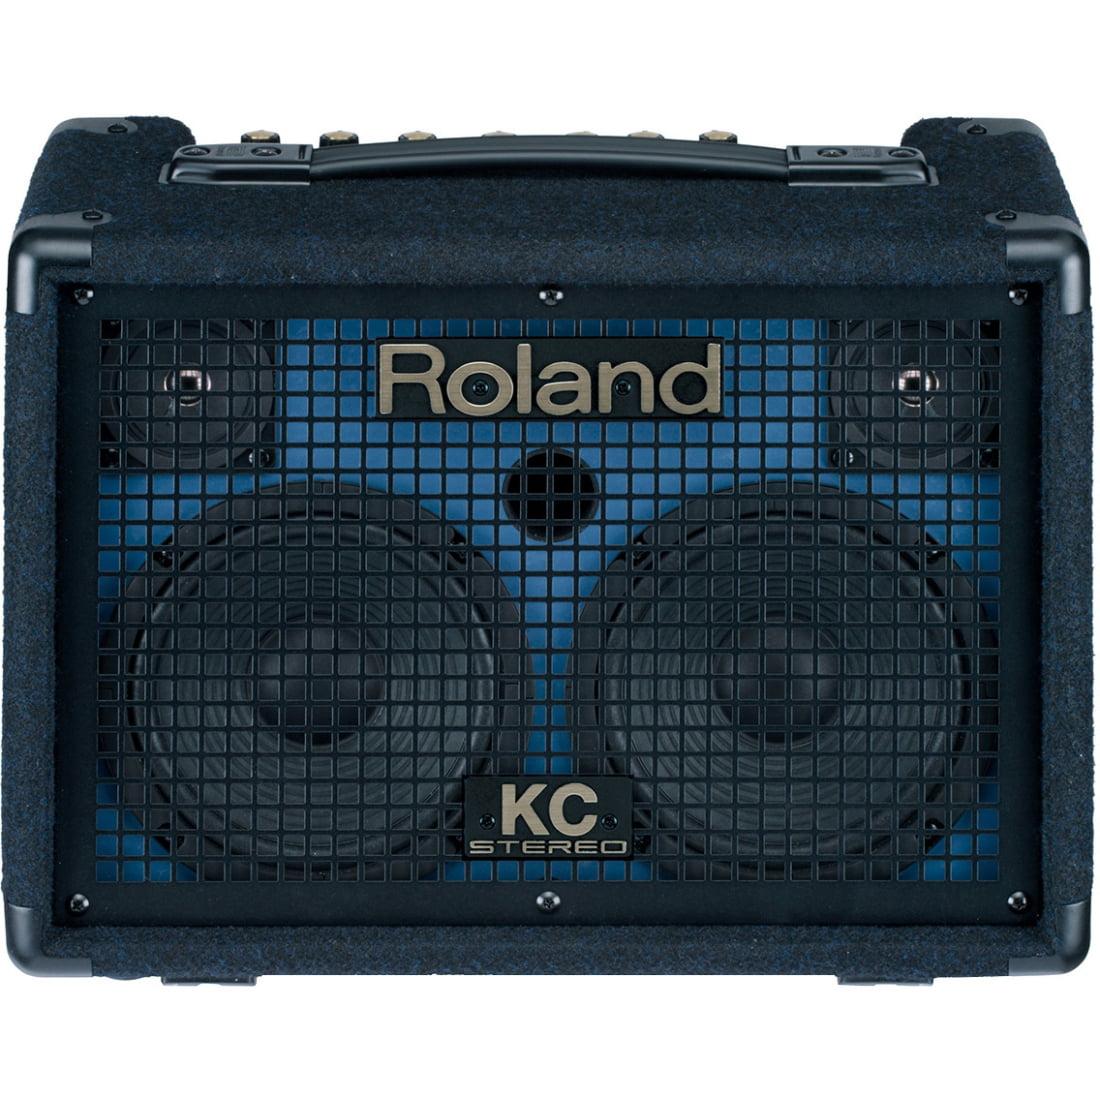 KC-110  Stereo Keyboard Amplifier